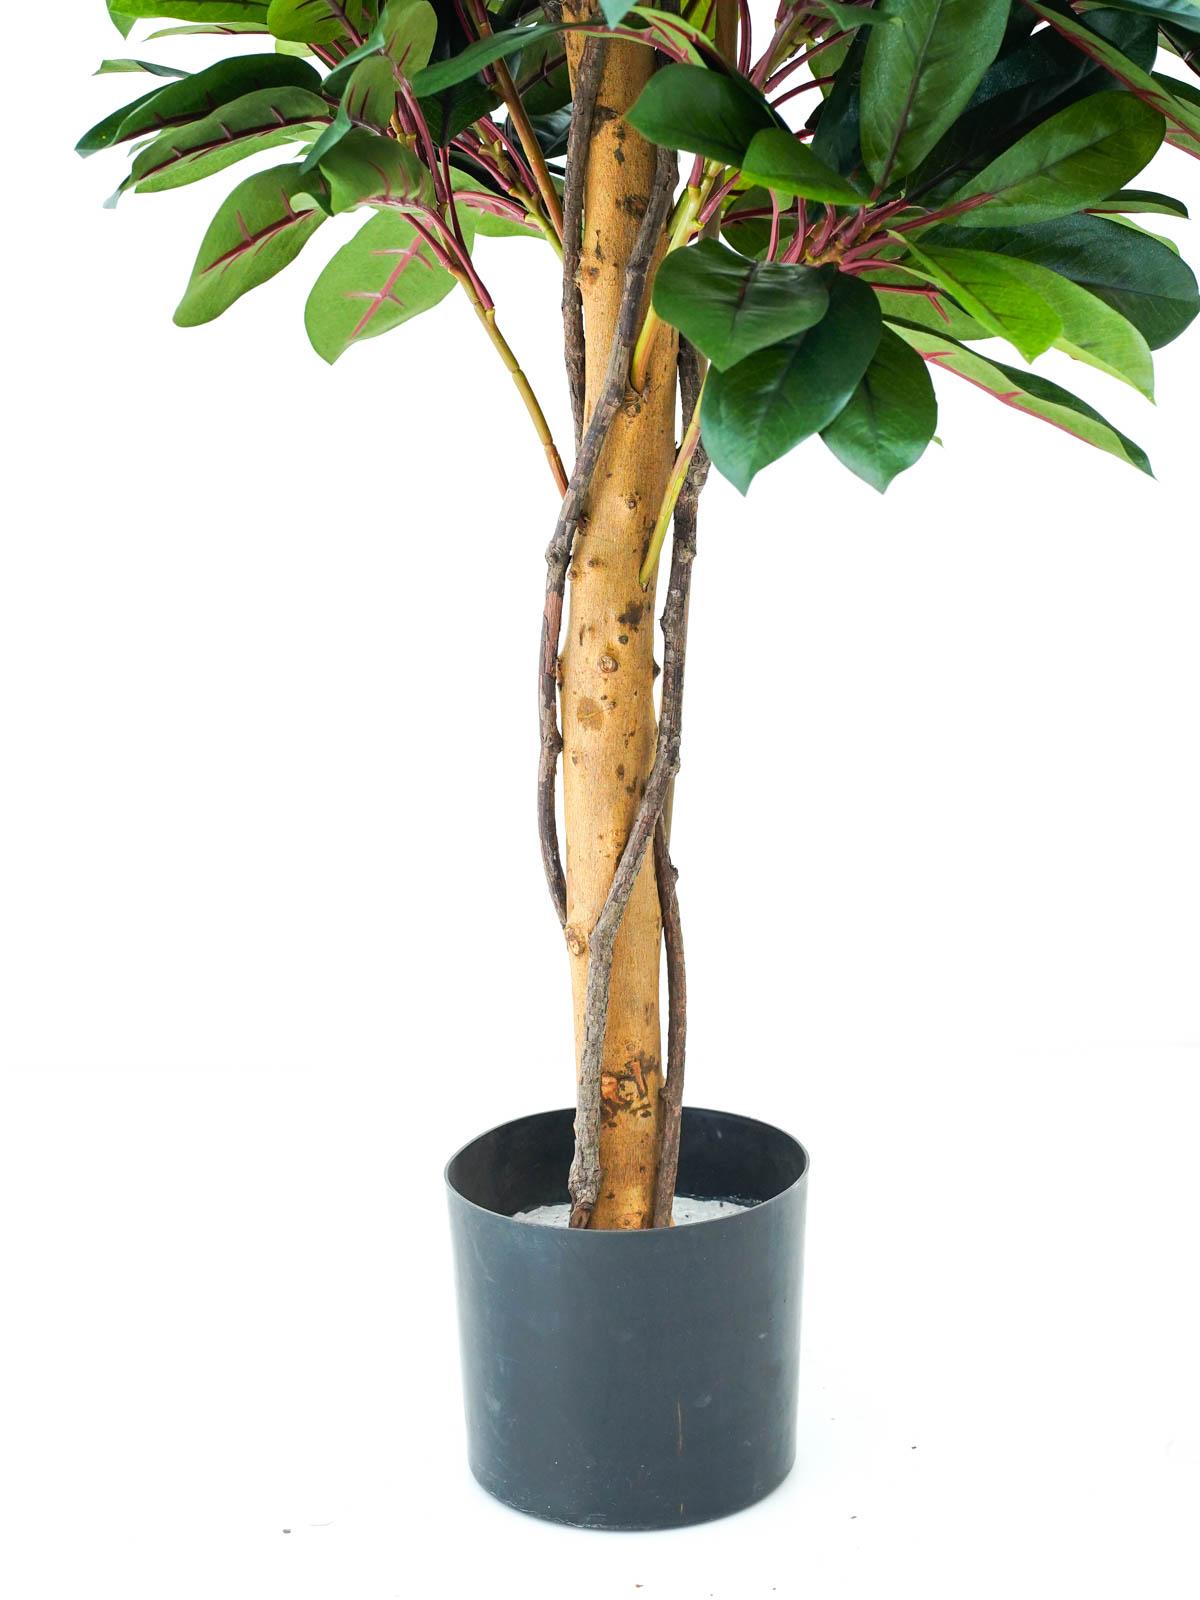 Red Lady Schefflera Natural Tree Medium Online